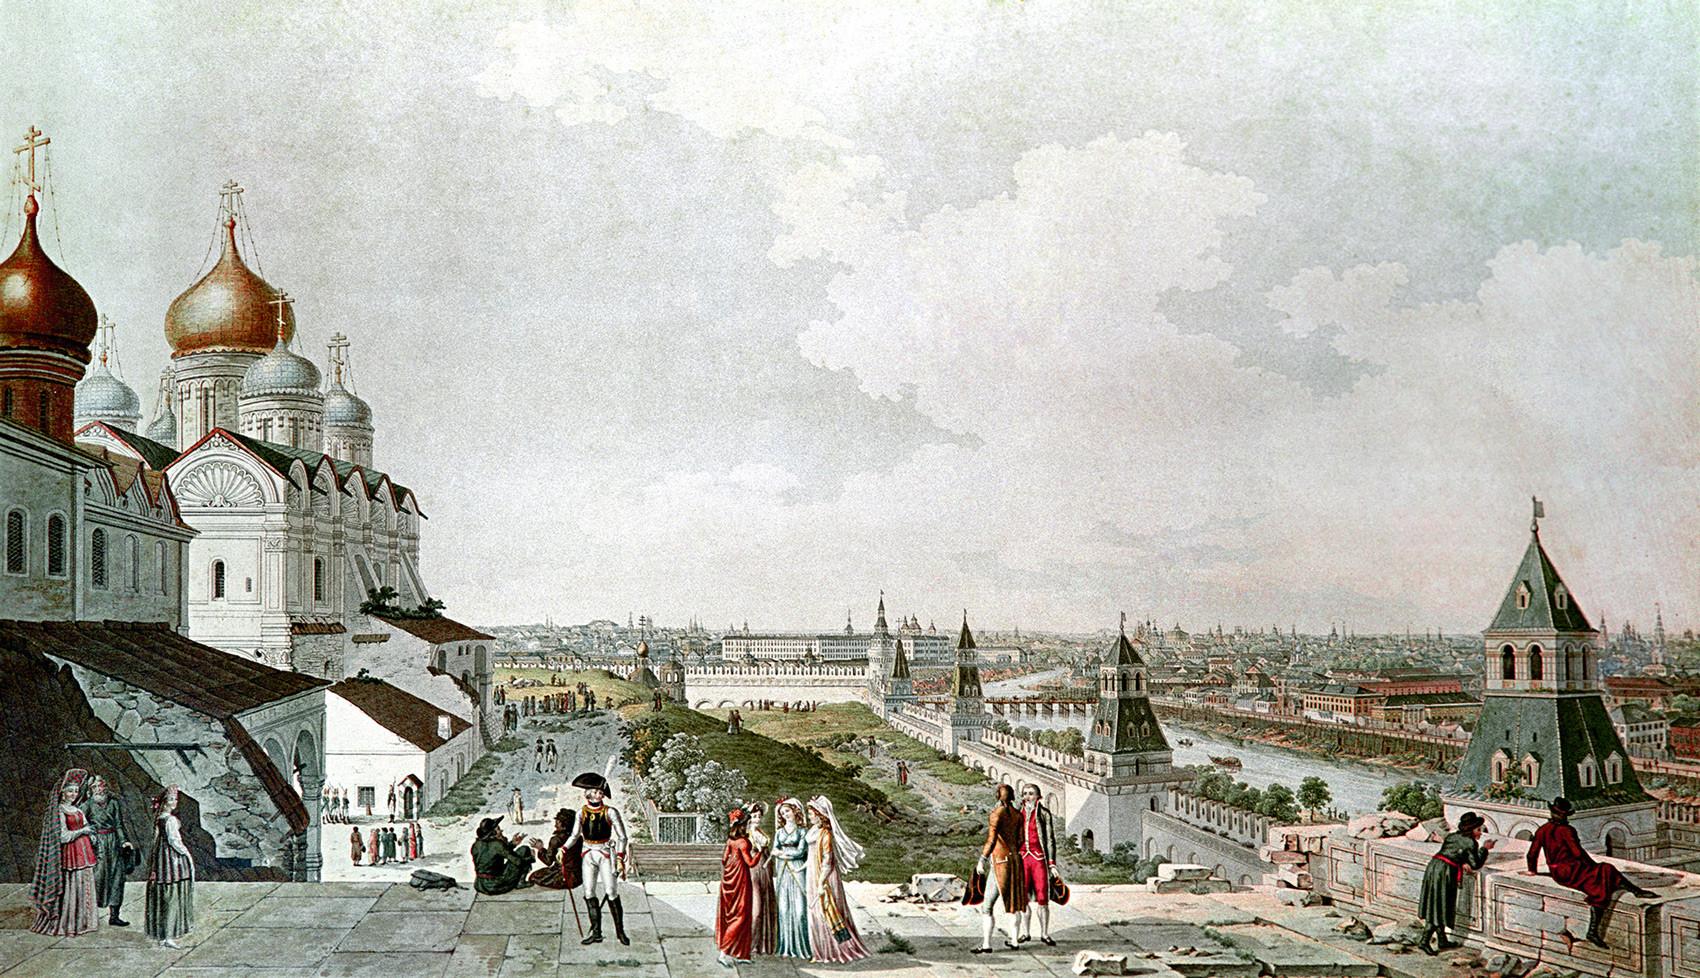 1800年代、ジェラール・デラバルトの絵画のもとで不明な画家によって作られた版画。皇帝の宮殿のバルコニーから見たモスクワの景色。国立歴史博物館、モスクワ。